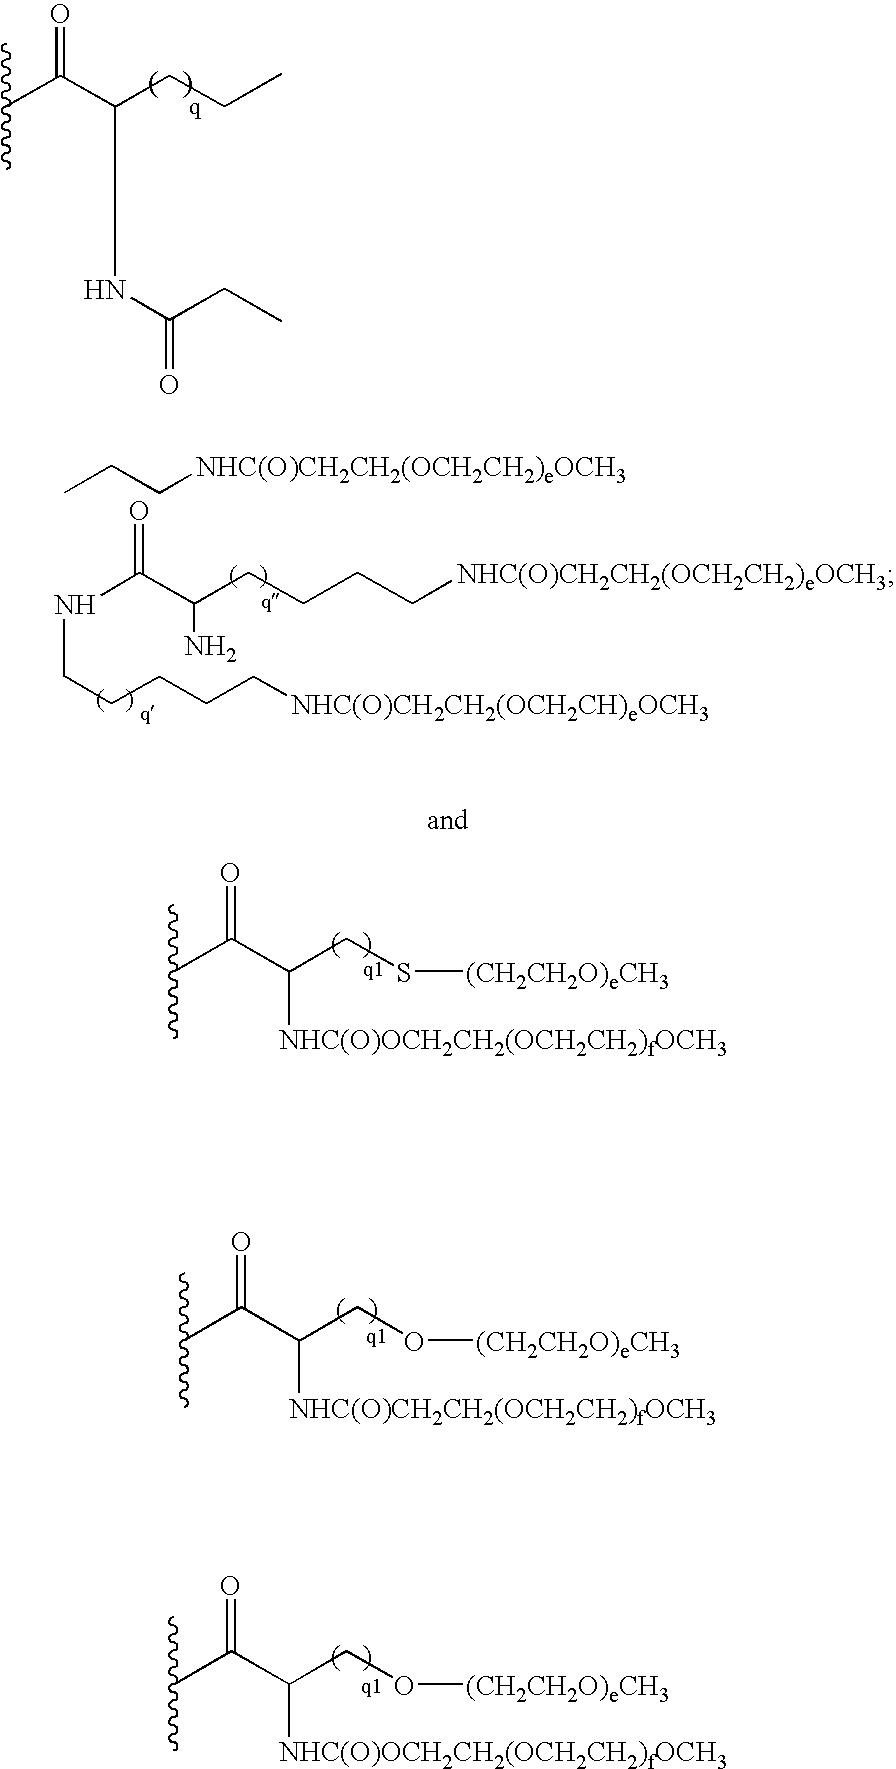 Figure US07405198-20080729-C00070